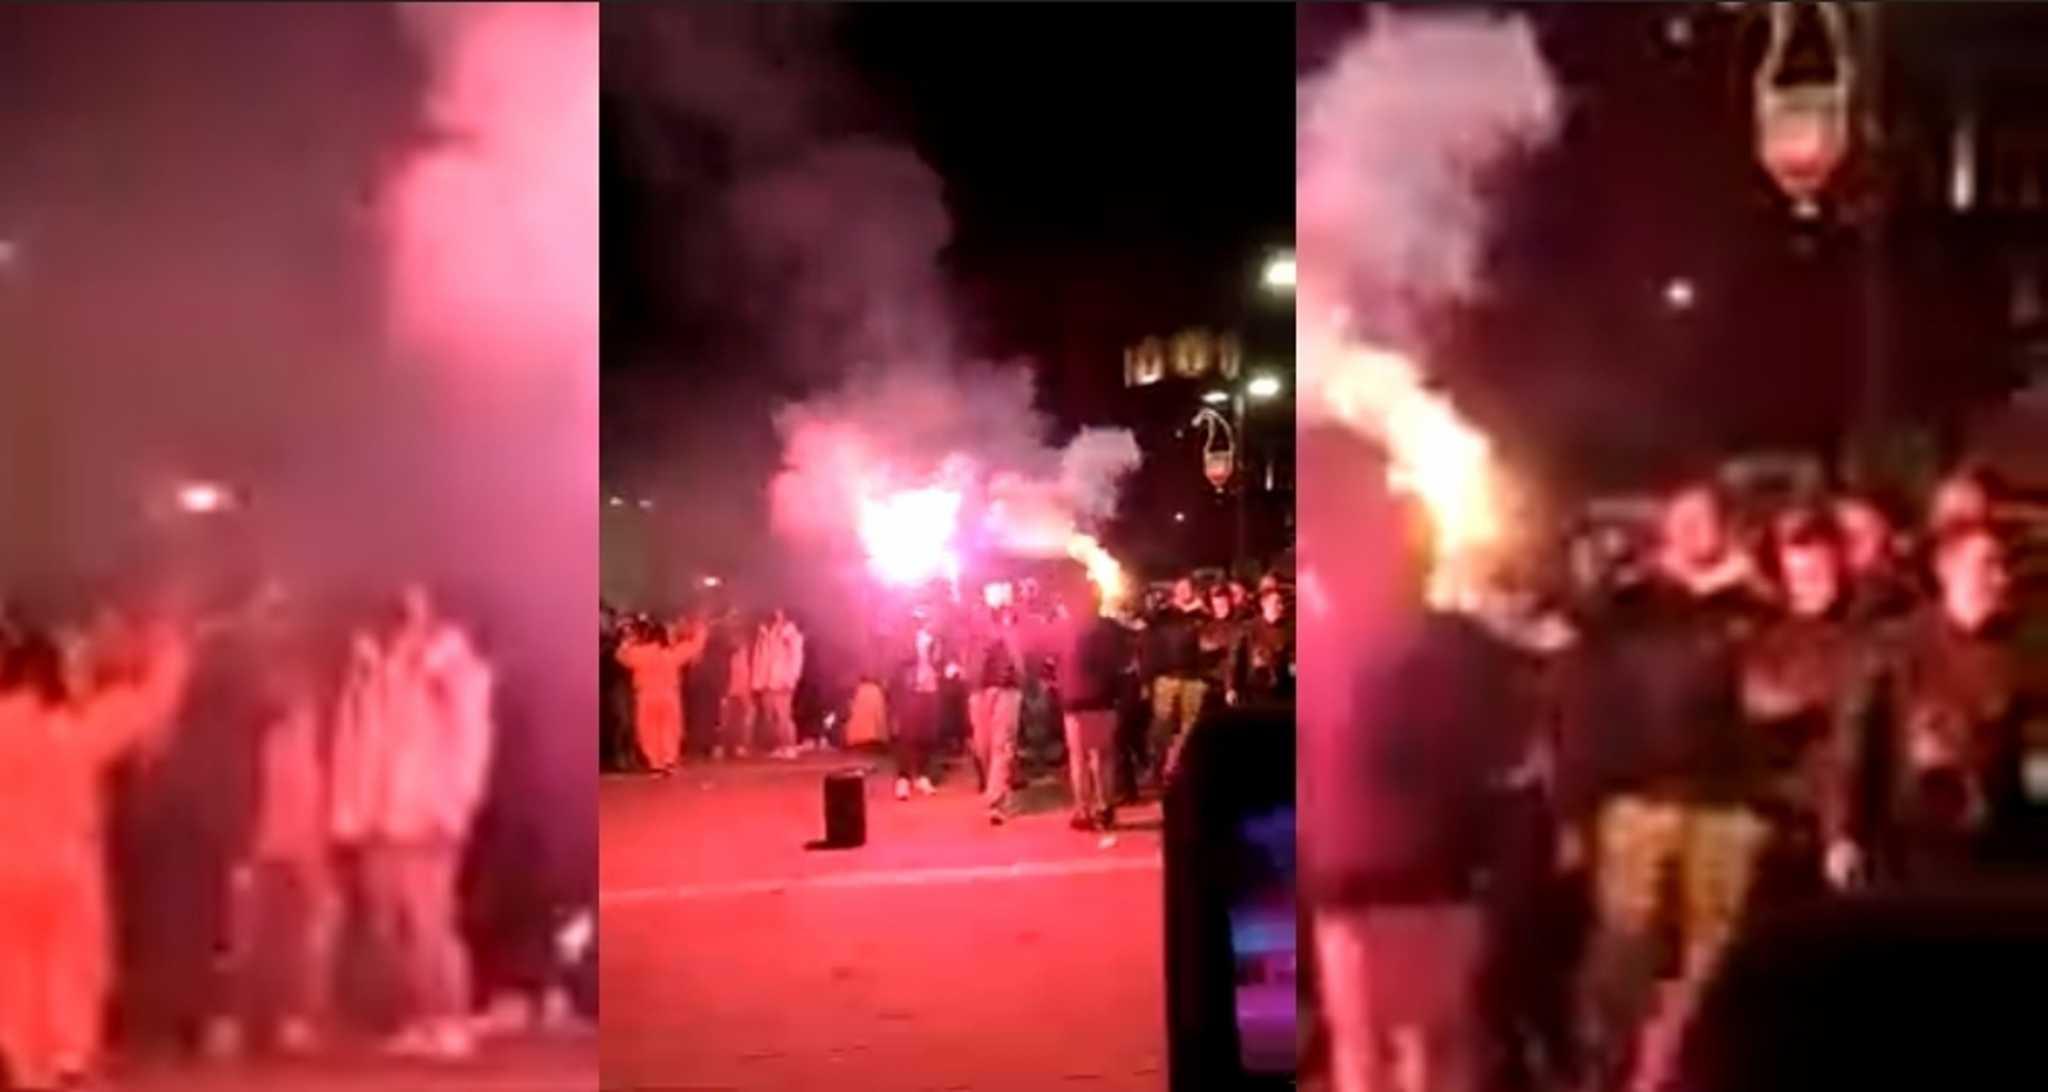 Βασιλακόπουλος: Υγειονομική βόμβα το αποκριάτικο πάρτι στην Ξάνθη